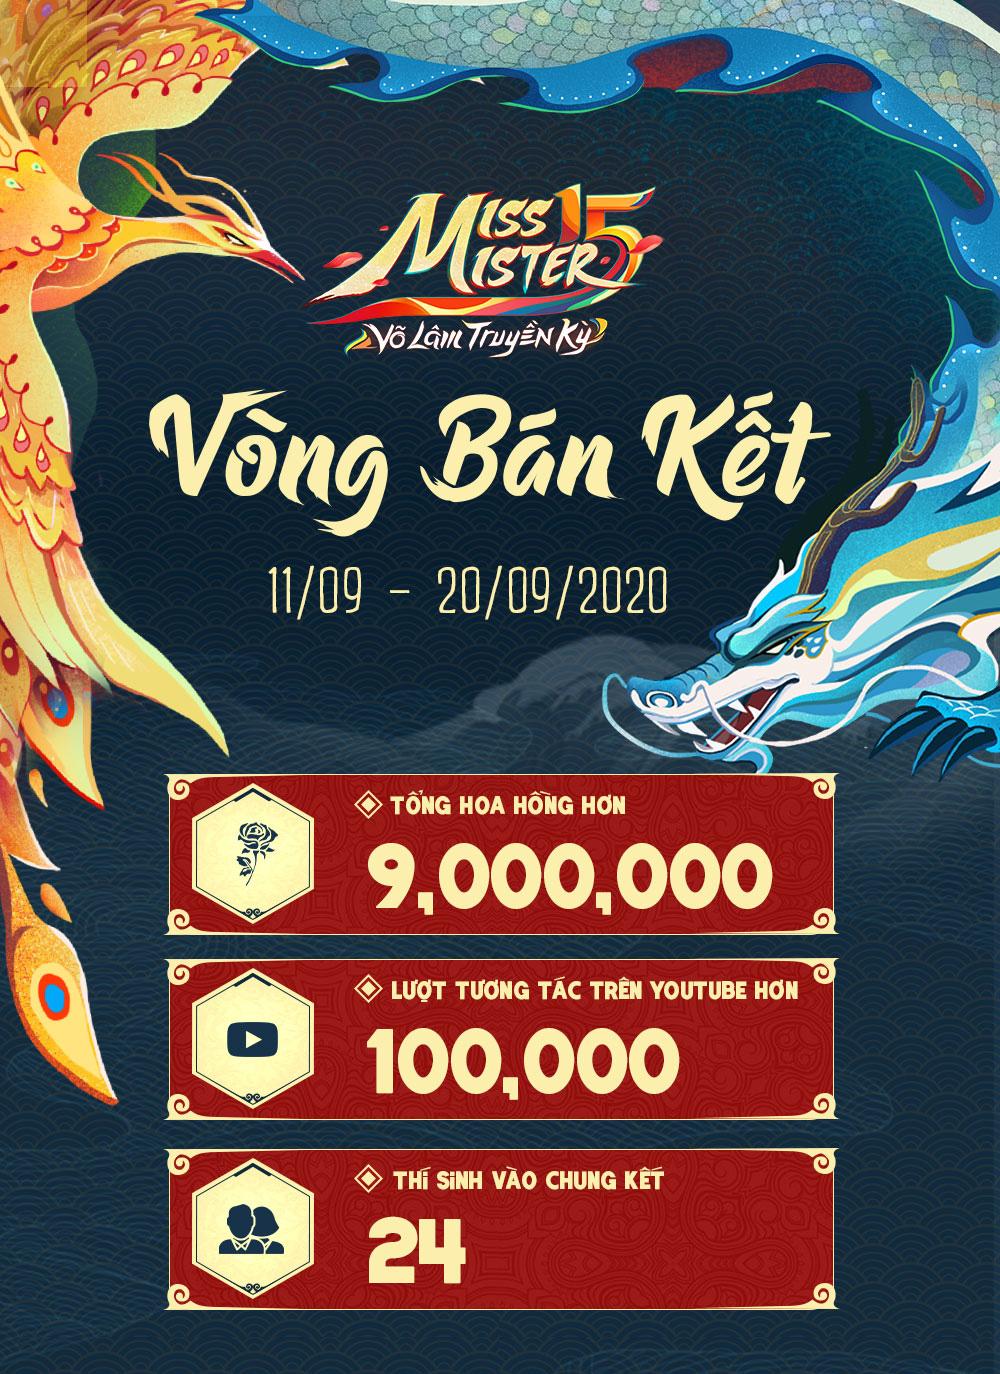 Miss & Mister VLTK 15: Hơn 9 triệu Hoa Hồng được trao gửi và gần 100.000 lượt tương tác trên kênh YouTube - Ảnh 1.